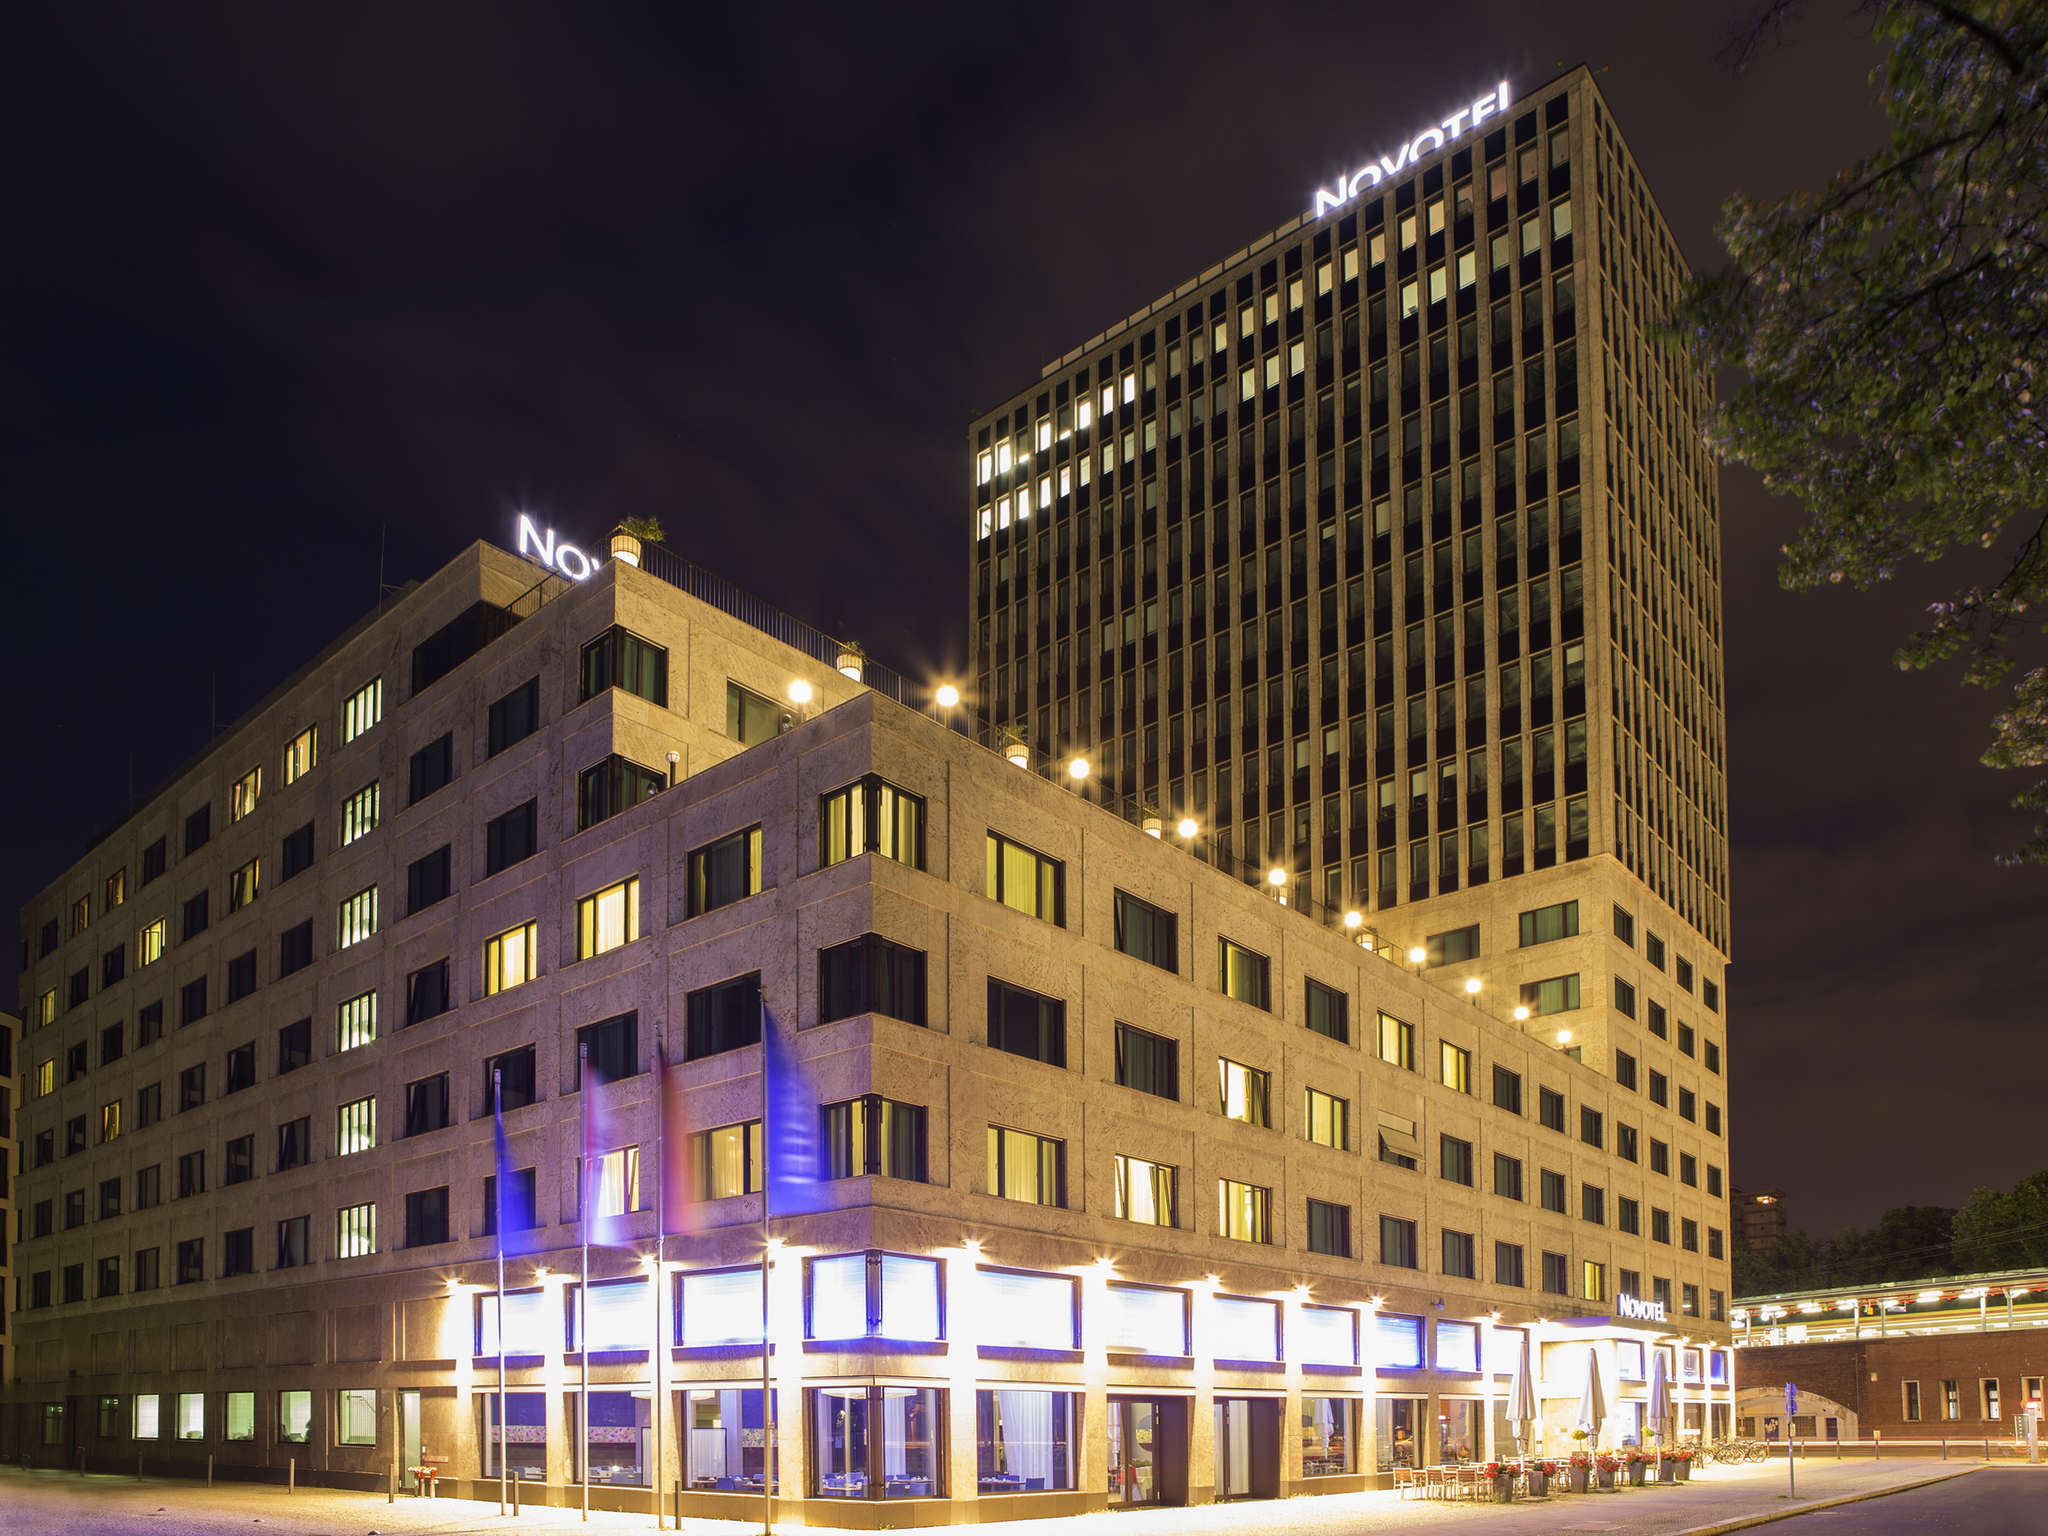 Novotel Hotel Berlin Am Tiergarten